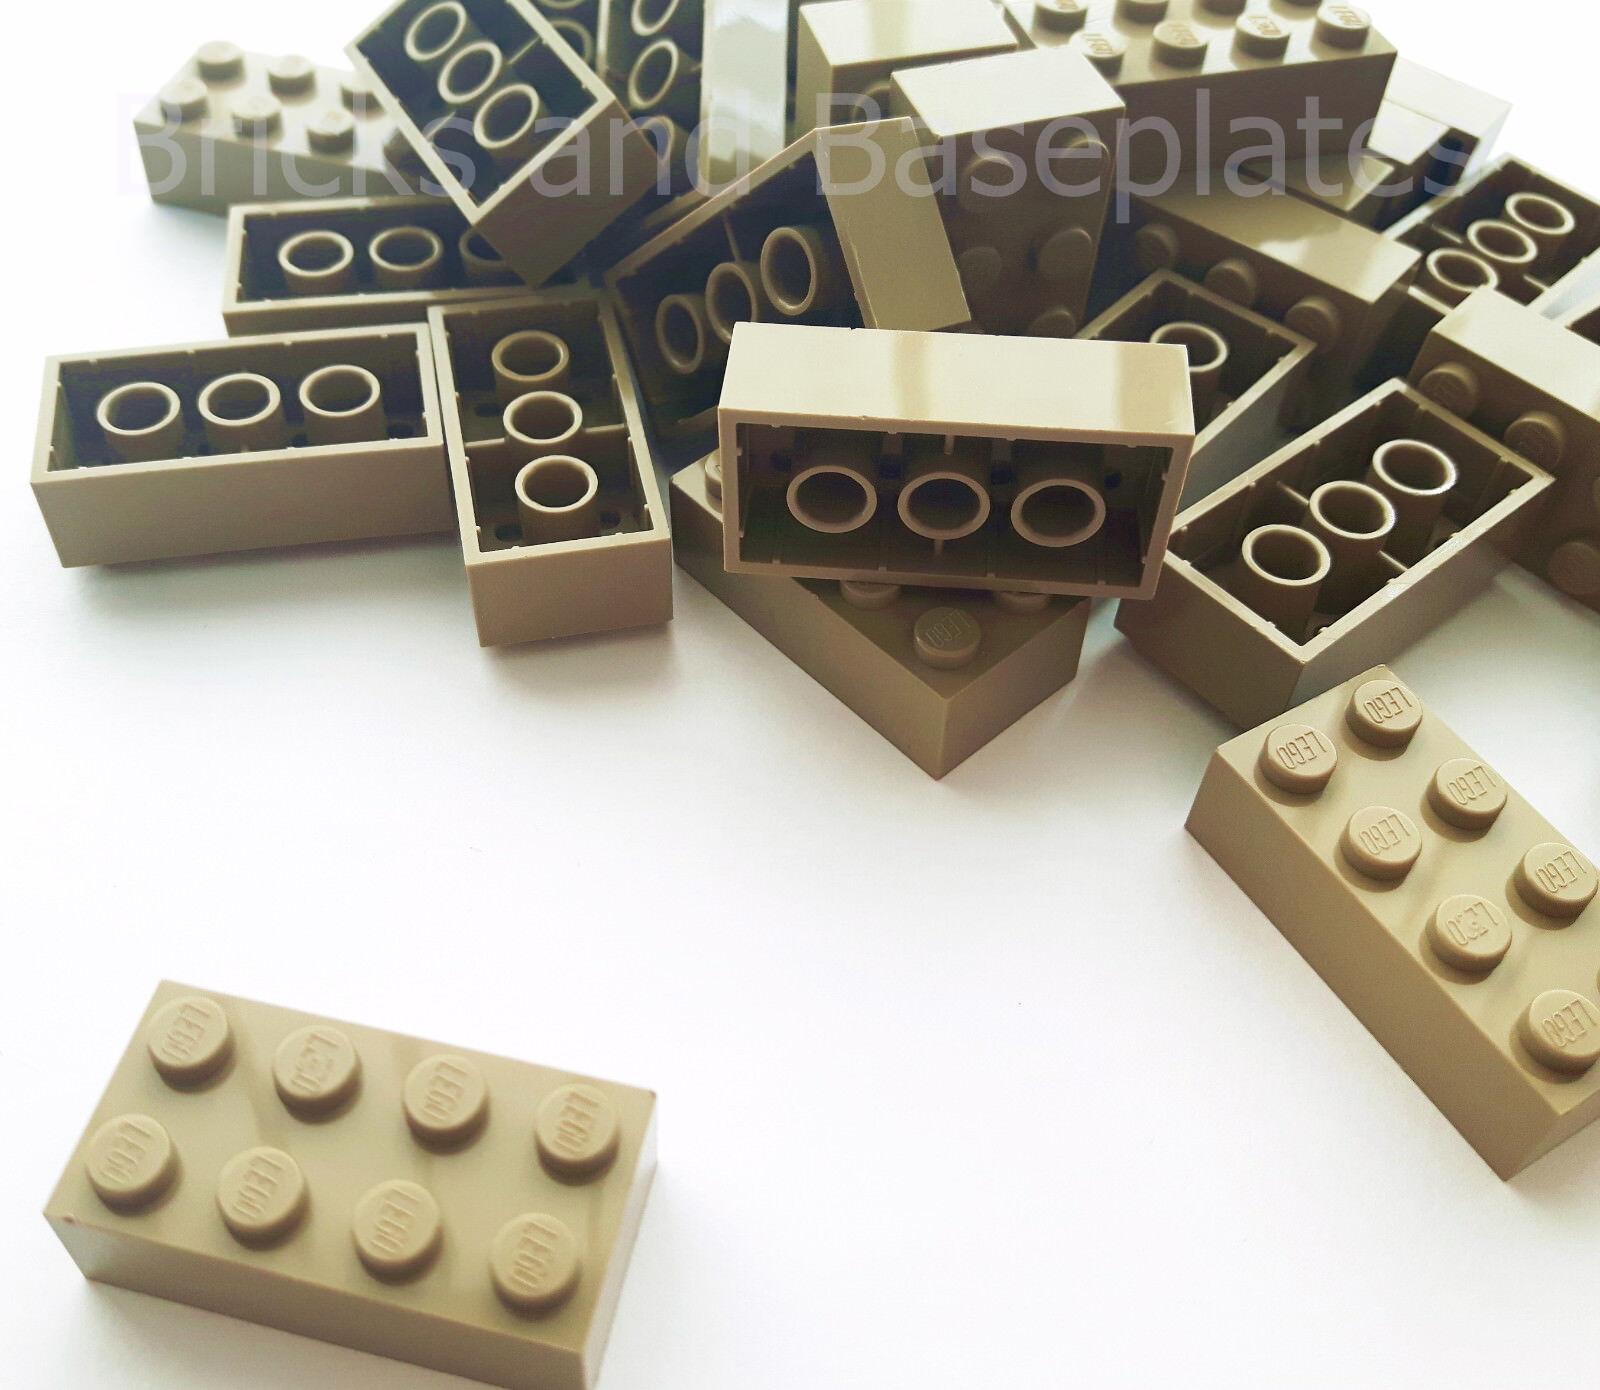 LEGO Mattoni 200 x Dark Tan 2x4 PIN-DA  SET DI nuovo inviato in un sacchetto trasparente sigillati  con il prezzo economico per ottenere la migliore marca